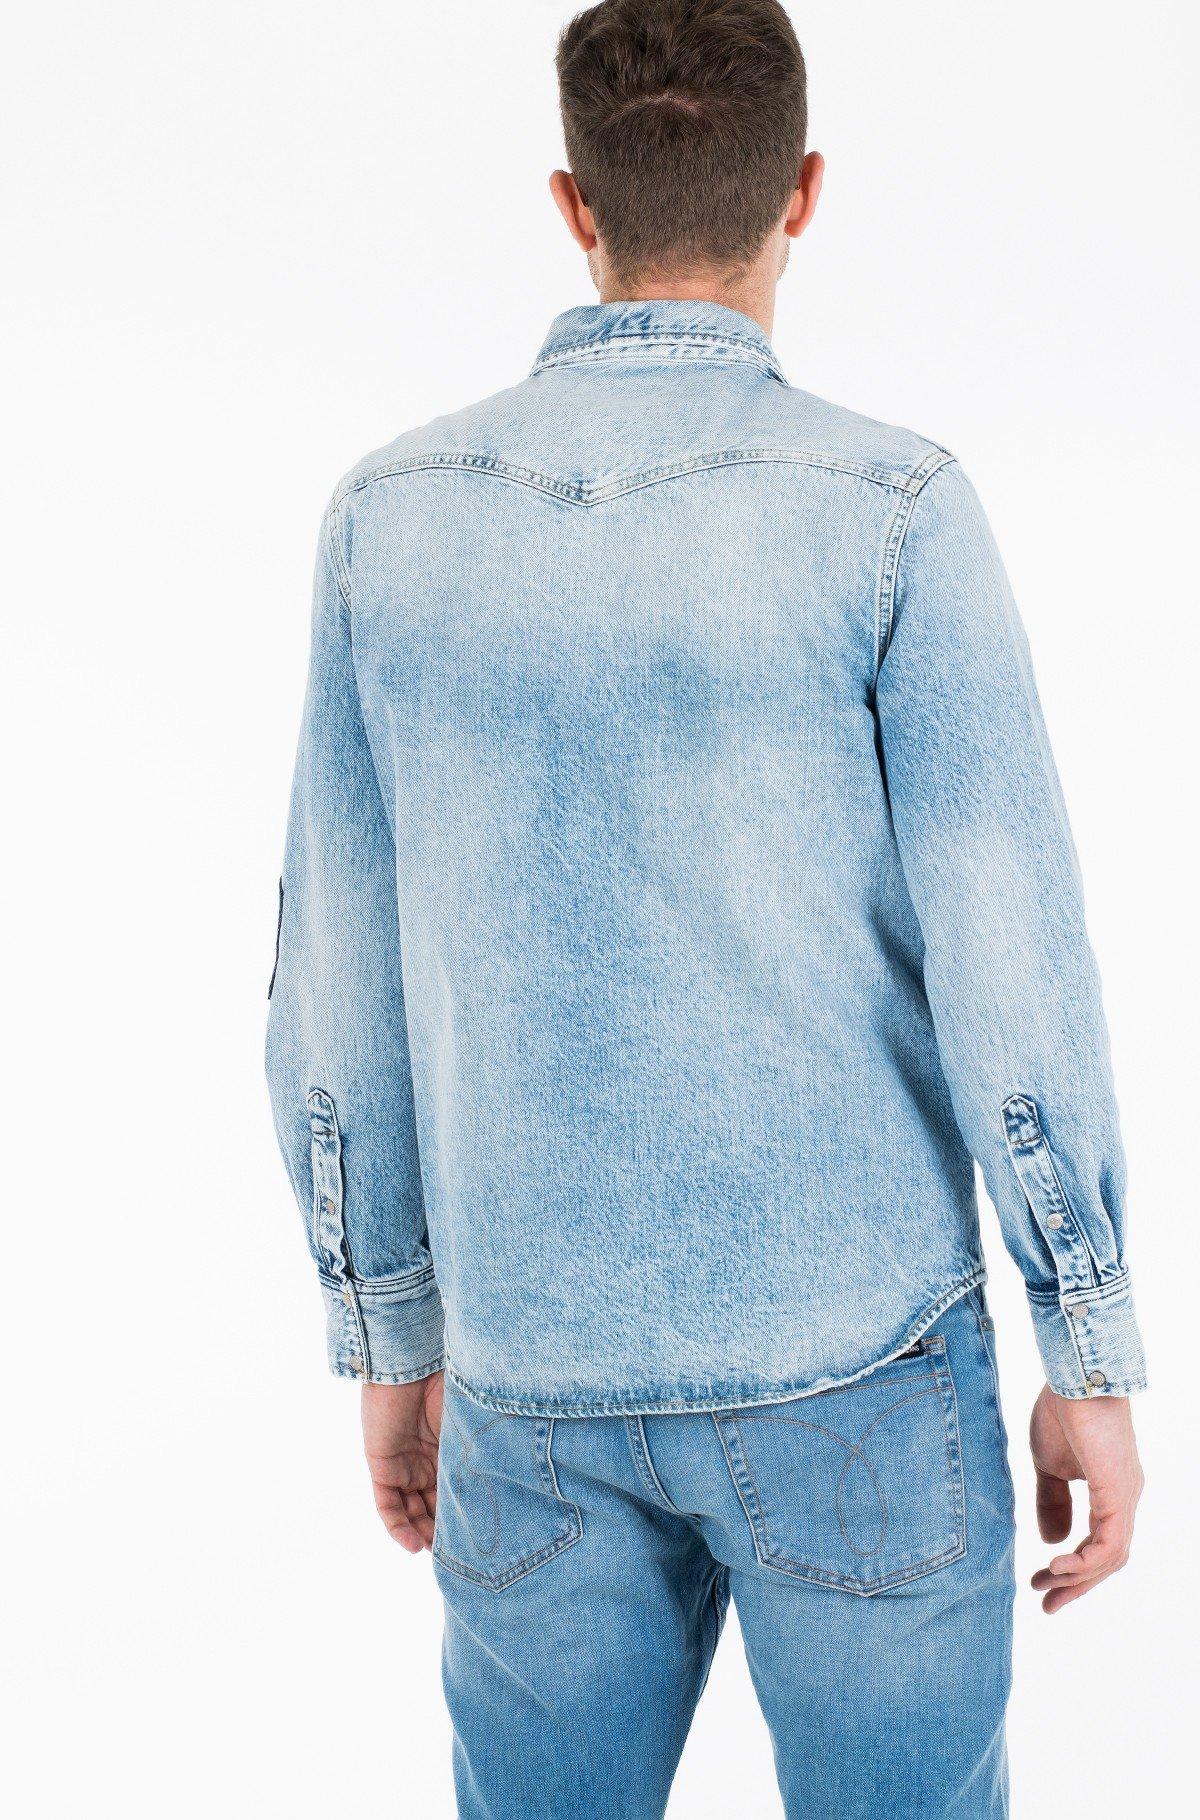 Džinsiniai marškiniai FOUNDATION WESTERN SHIRT-full-3